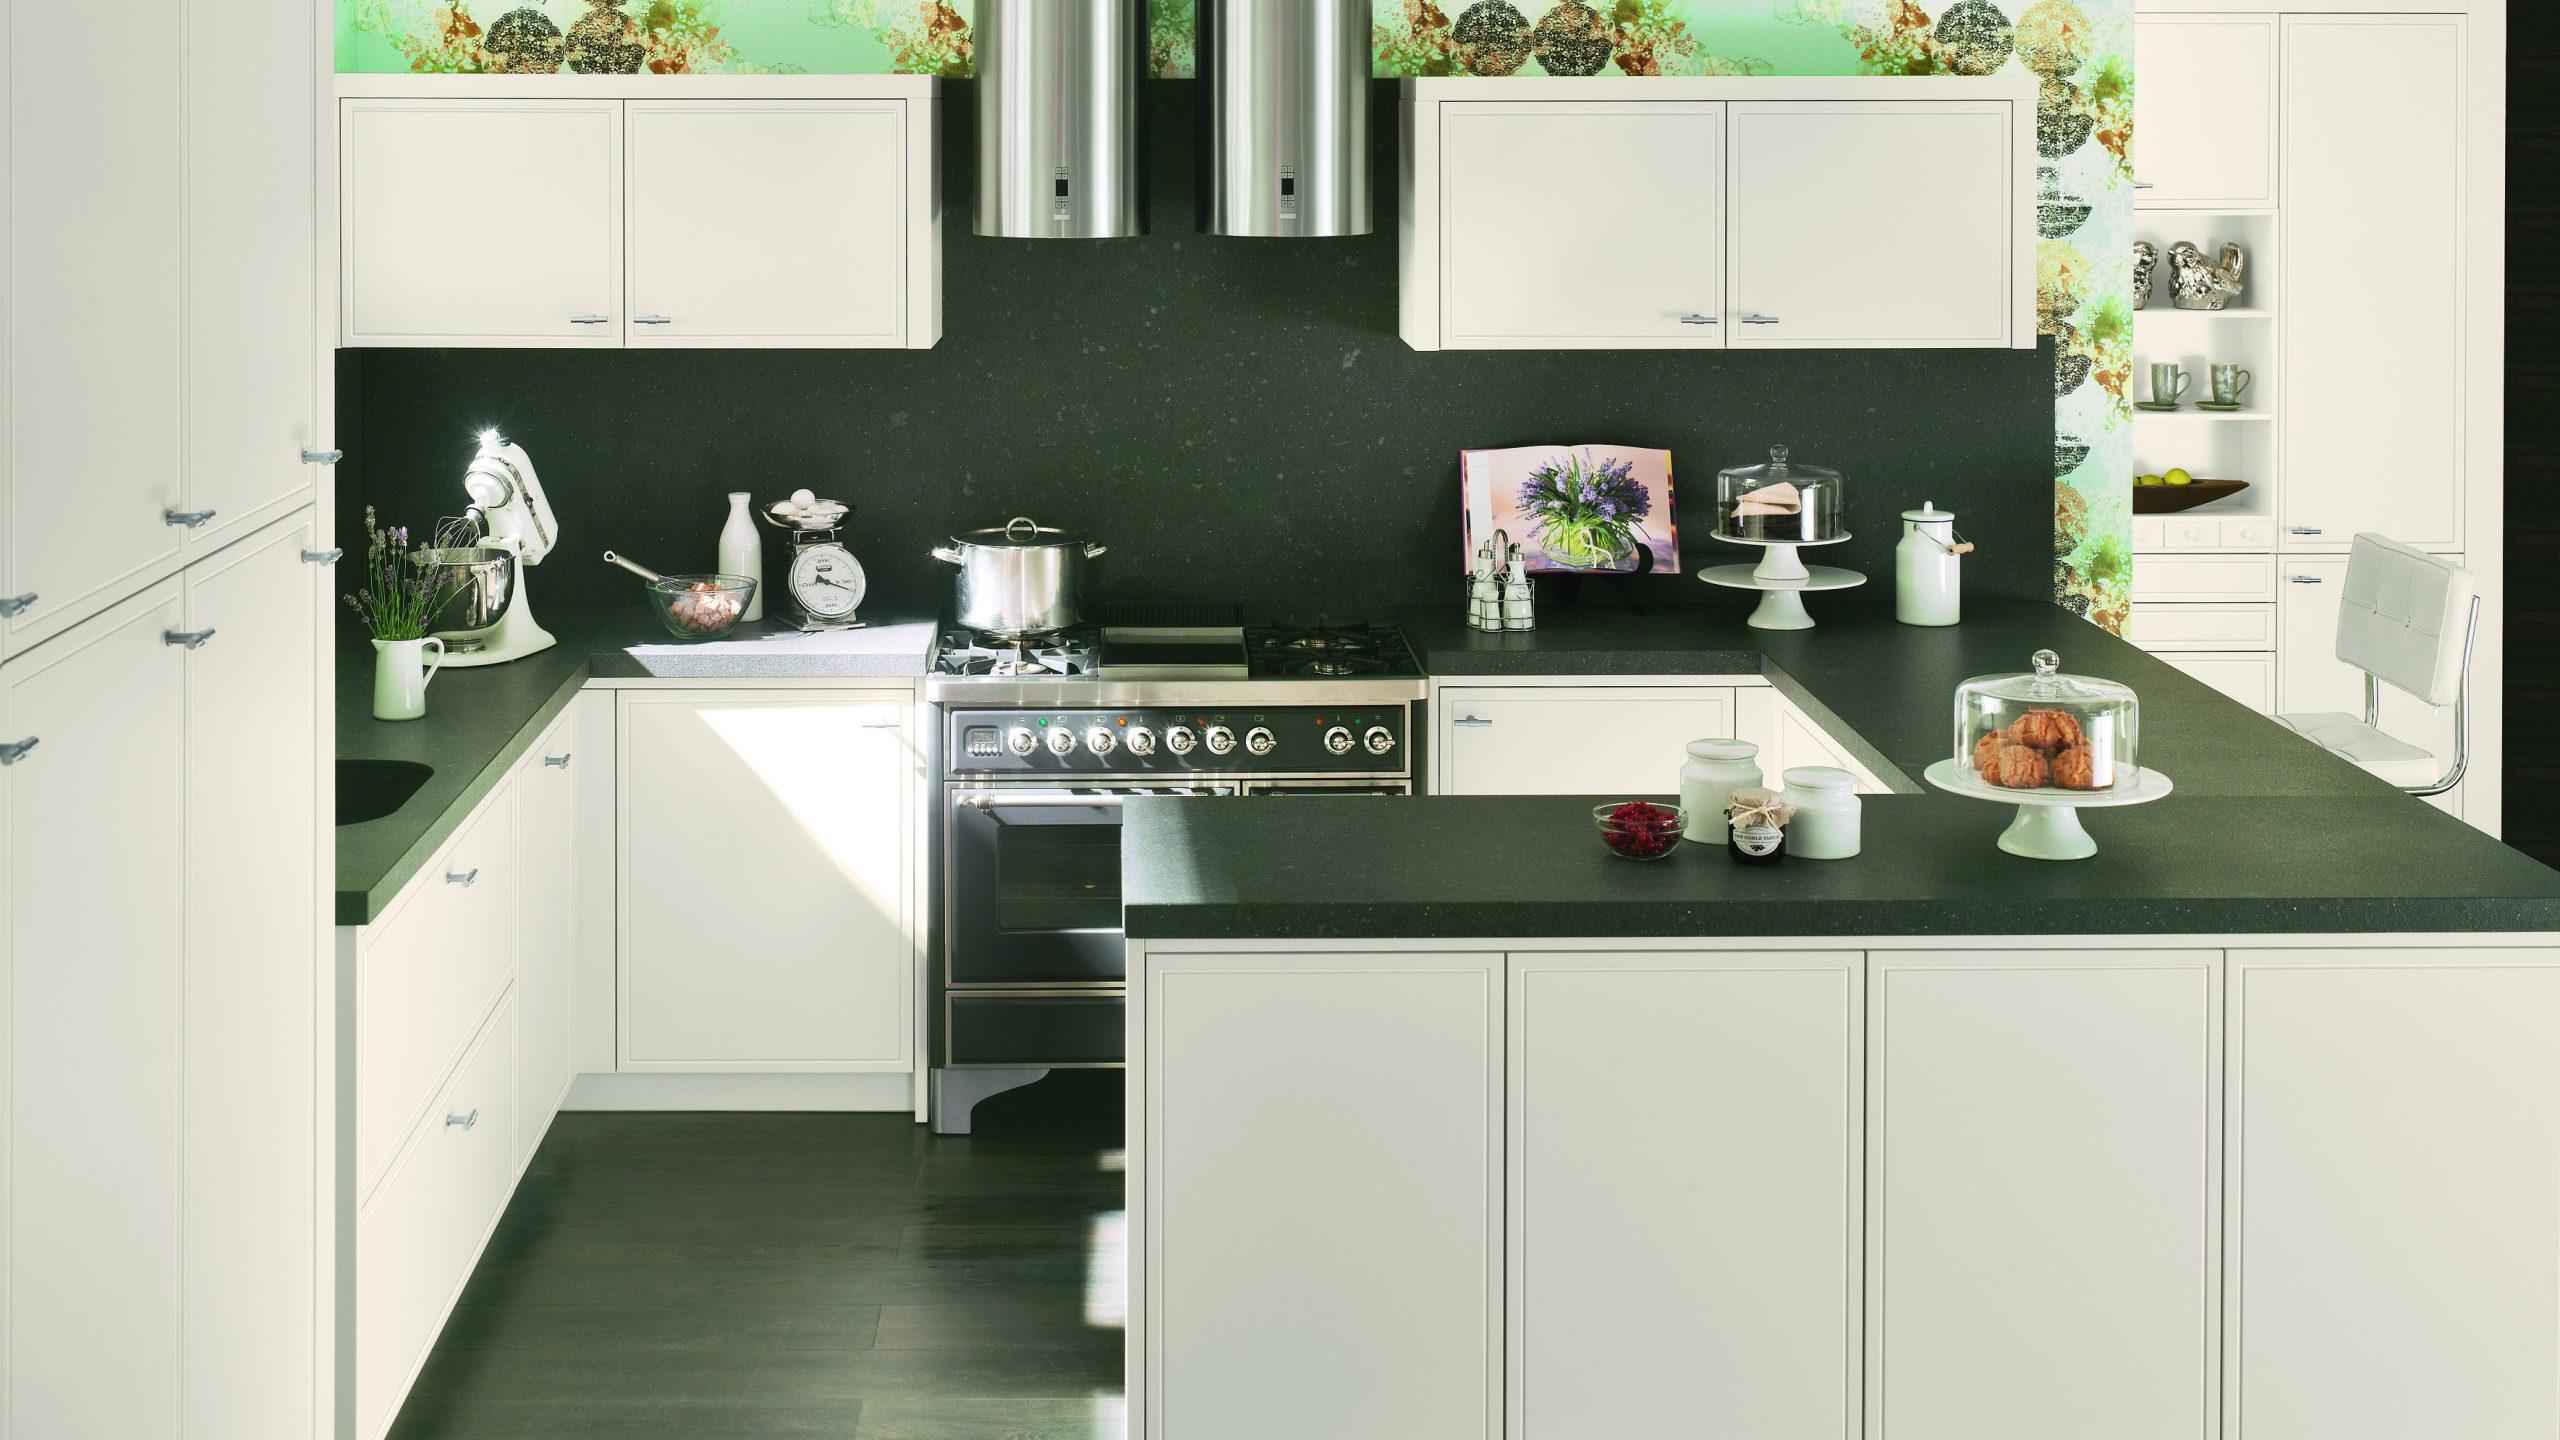 Full Size of Kleine Einbauküche L Form Kleine Einbauküche Mit Elektrogeräten Kleine Einbauküche Mit Waschmaschine Kleine Einbauküche Kosten Küche Kleine Einbauküche